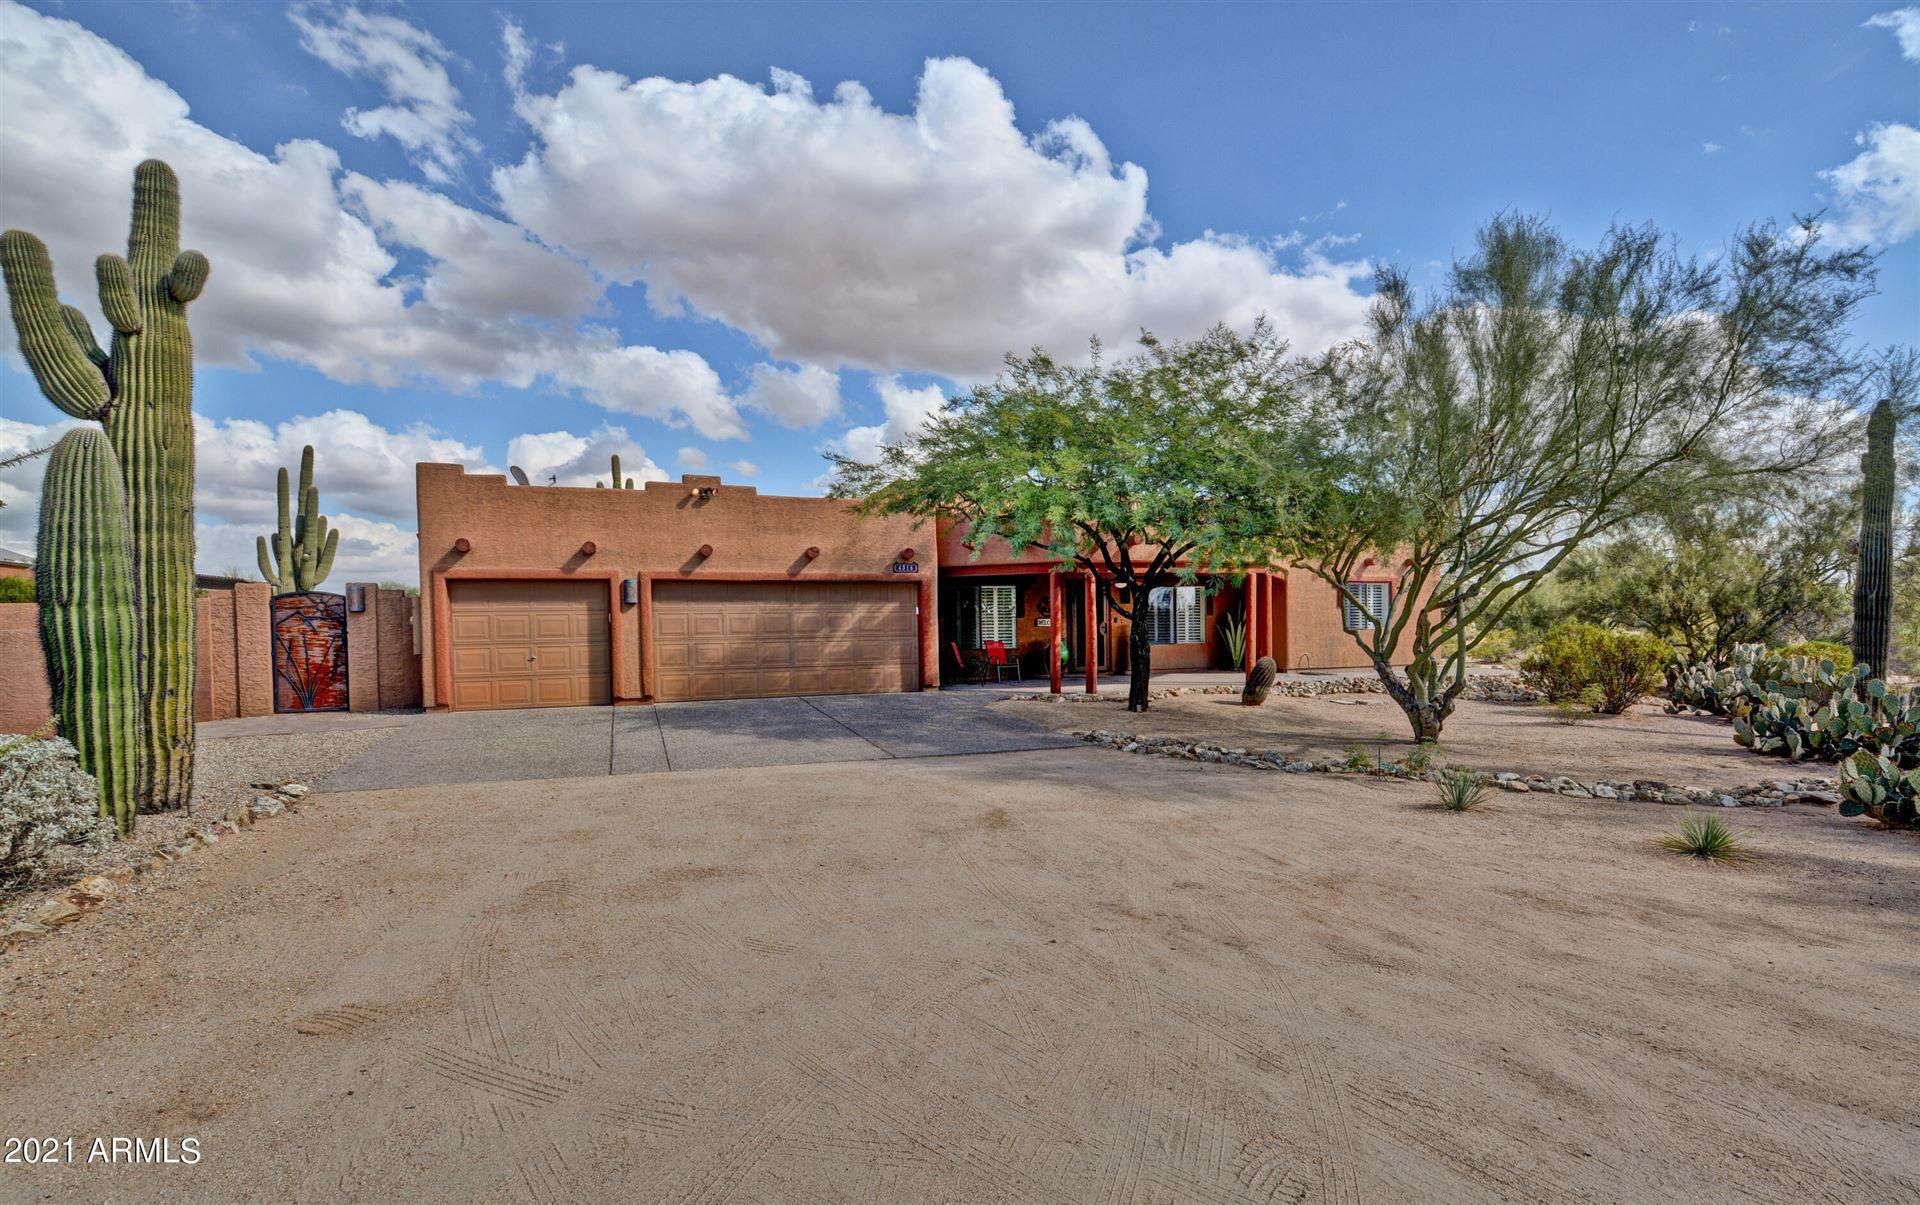 Photo of 4316 E FOREST PLEASANT Place, Cave Creek, AZ 85331 (MLS # 6309605)